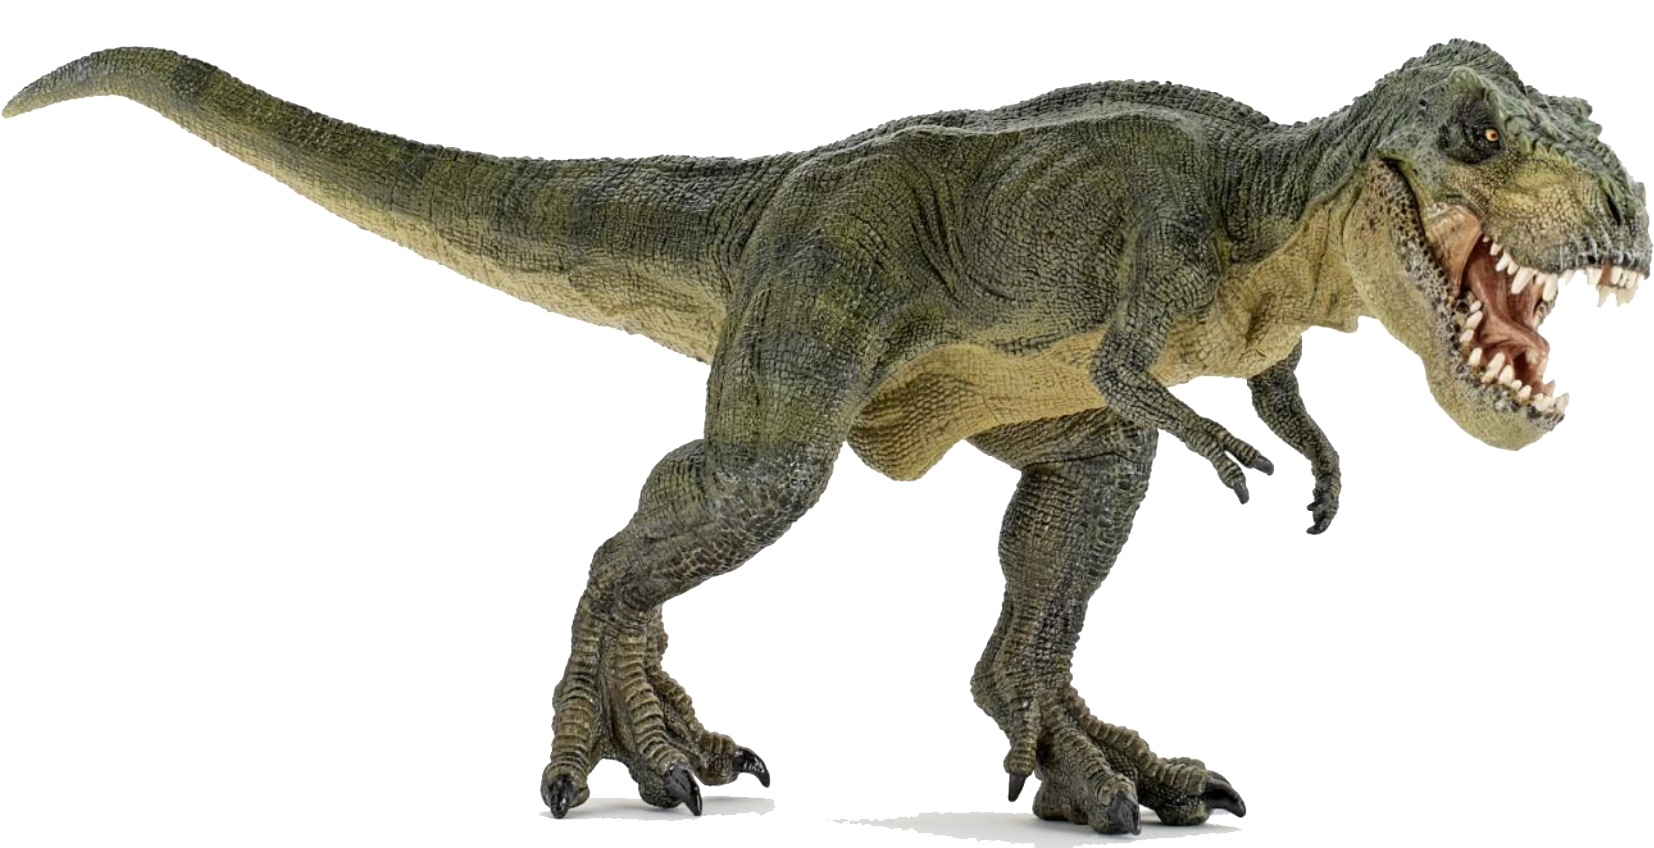 Png transparent images all. Clipart dinosaur brachiosaurus